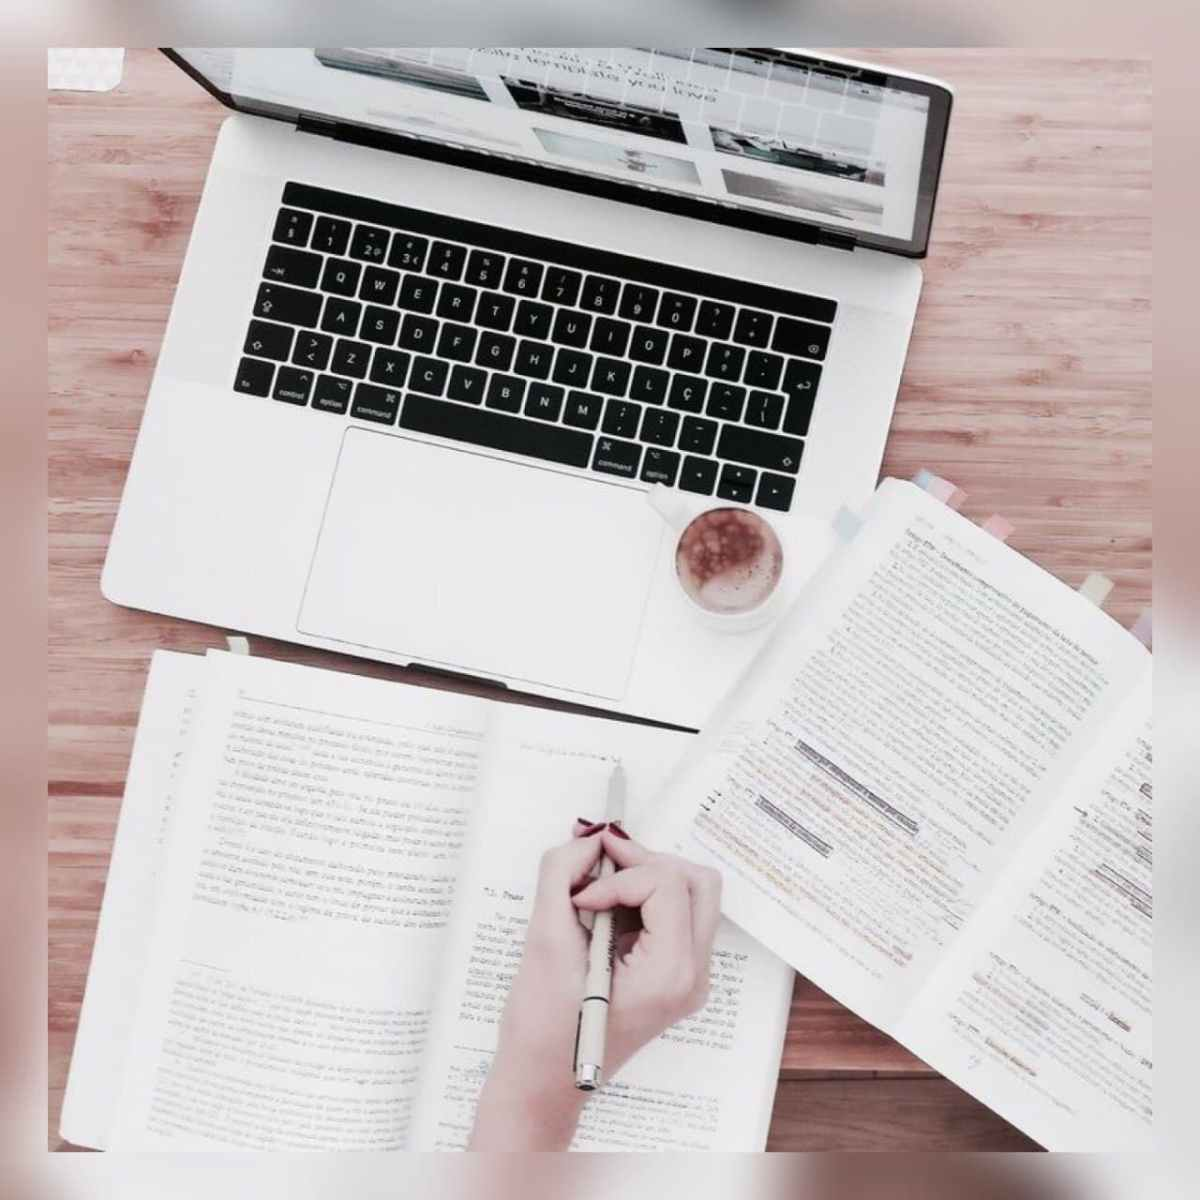 جدول الامتحانات الالكترونية والحضورية لكلية الادارة والاقتصاد الكورس الثاني / الدور الأول للعام الدراسي 2020 - 2021